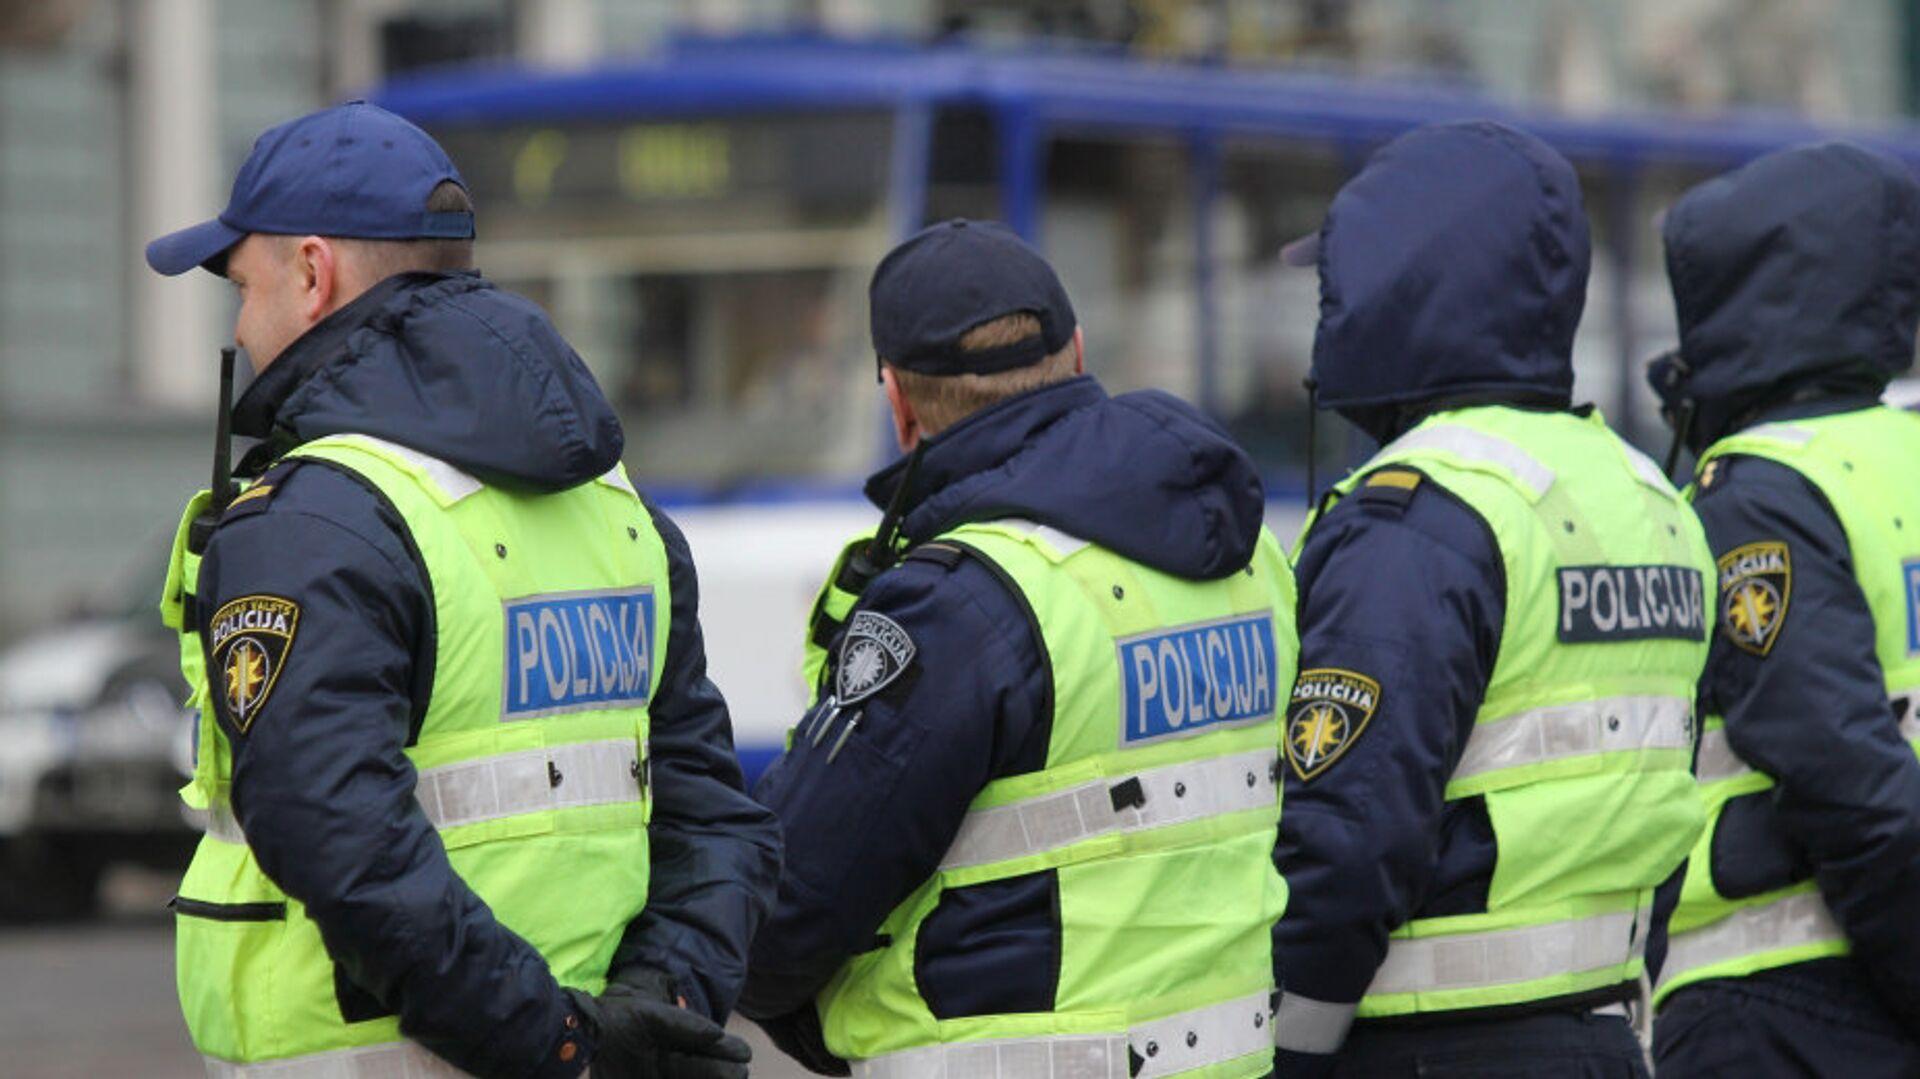 Стрингер из Латвии рассказала о многочасовом обыске у нее дома